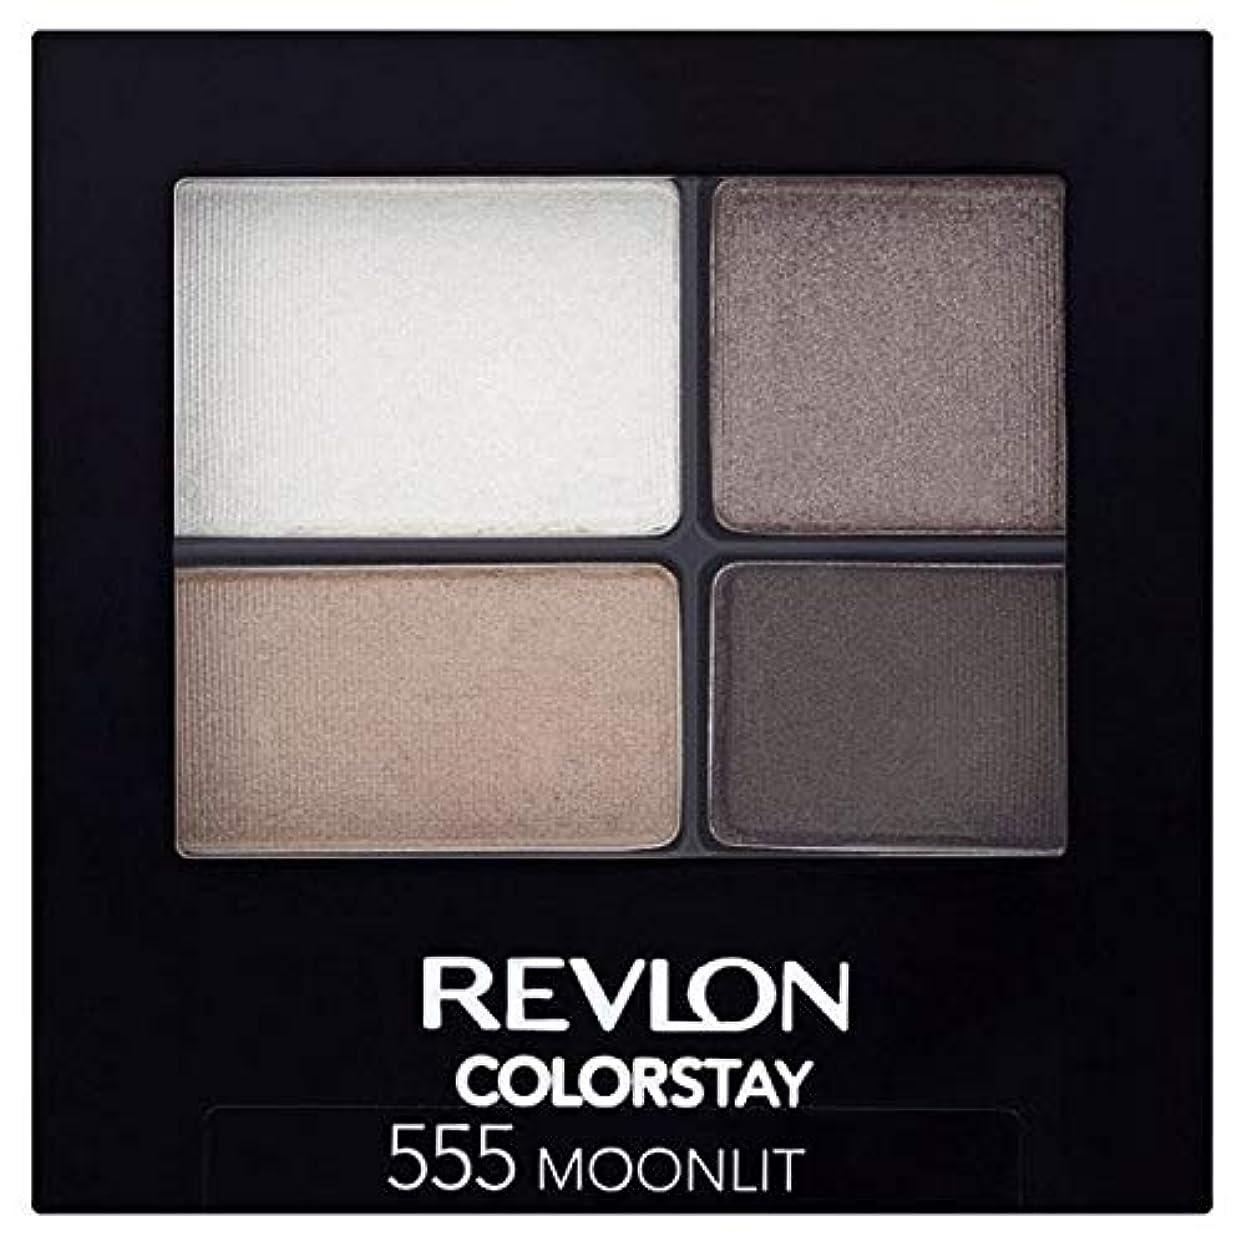 探検登る去る[Revlon ] レブロンColorstay 16時間のアイシャドウは555月光 - Revlon Colorstay 16 Hour Eye Shadow Moonlight 555 [並行輸入品]